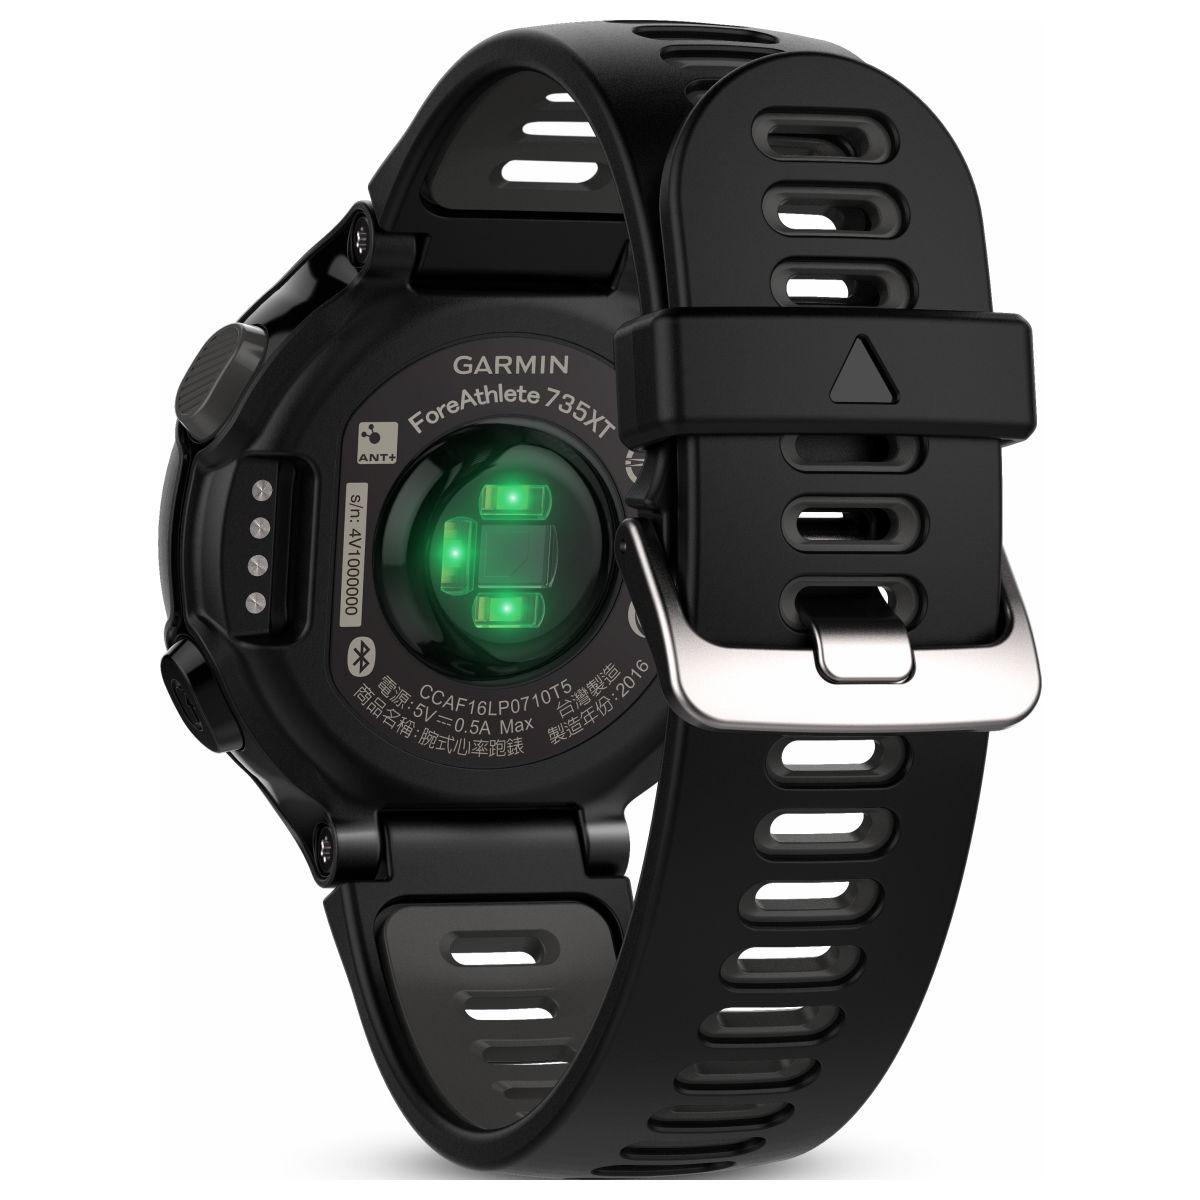 ガーミン GARMIN フォーアスリート735XTJ ForeAthlete735XTJ Black&Gray スマートウォッチ ウェアラブル端末 腕時計 メンズ レディース 010-01614-24